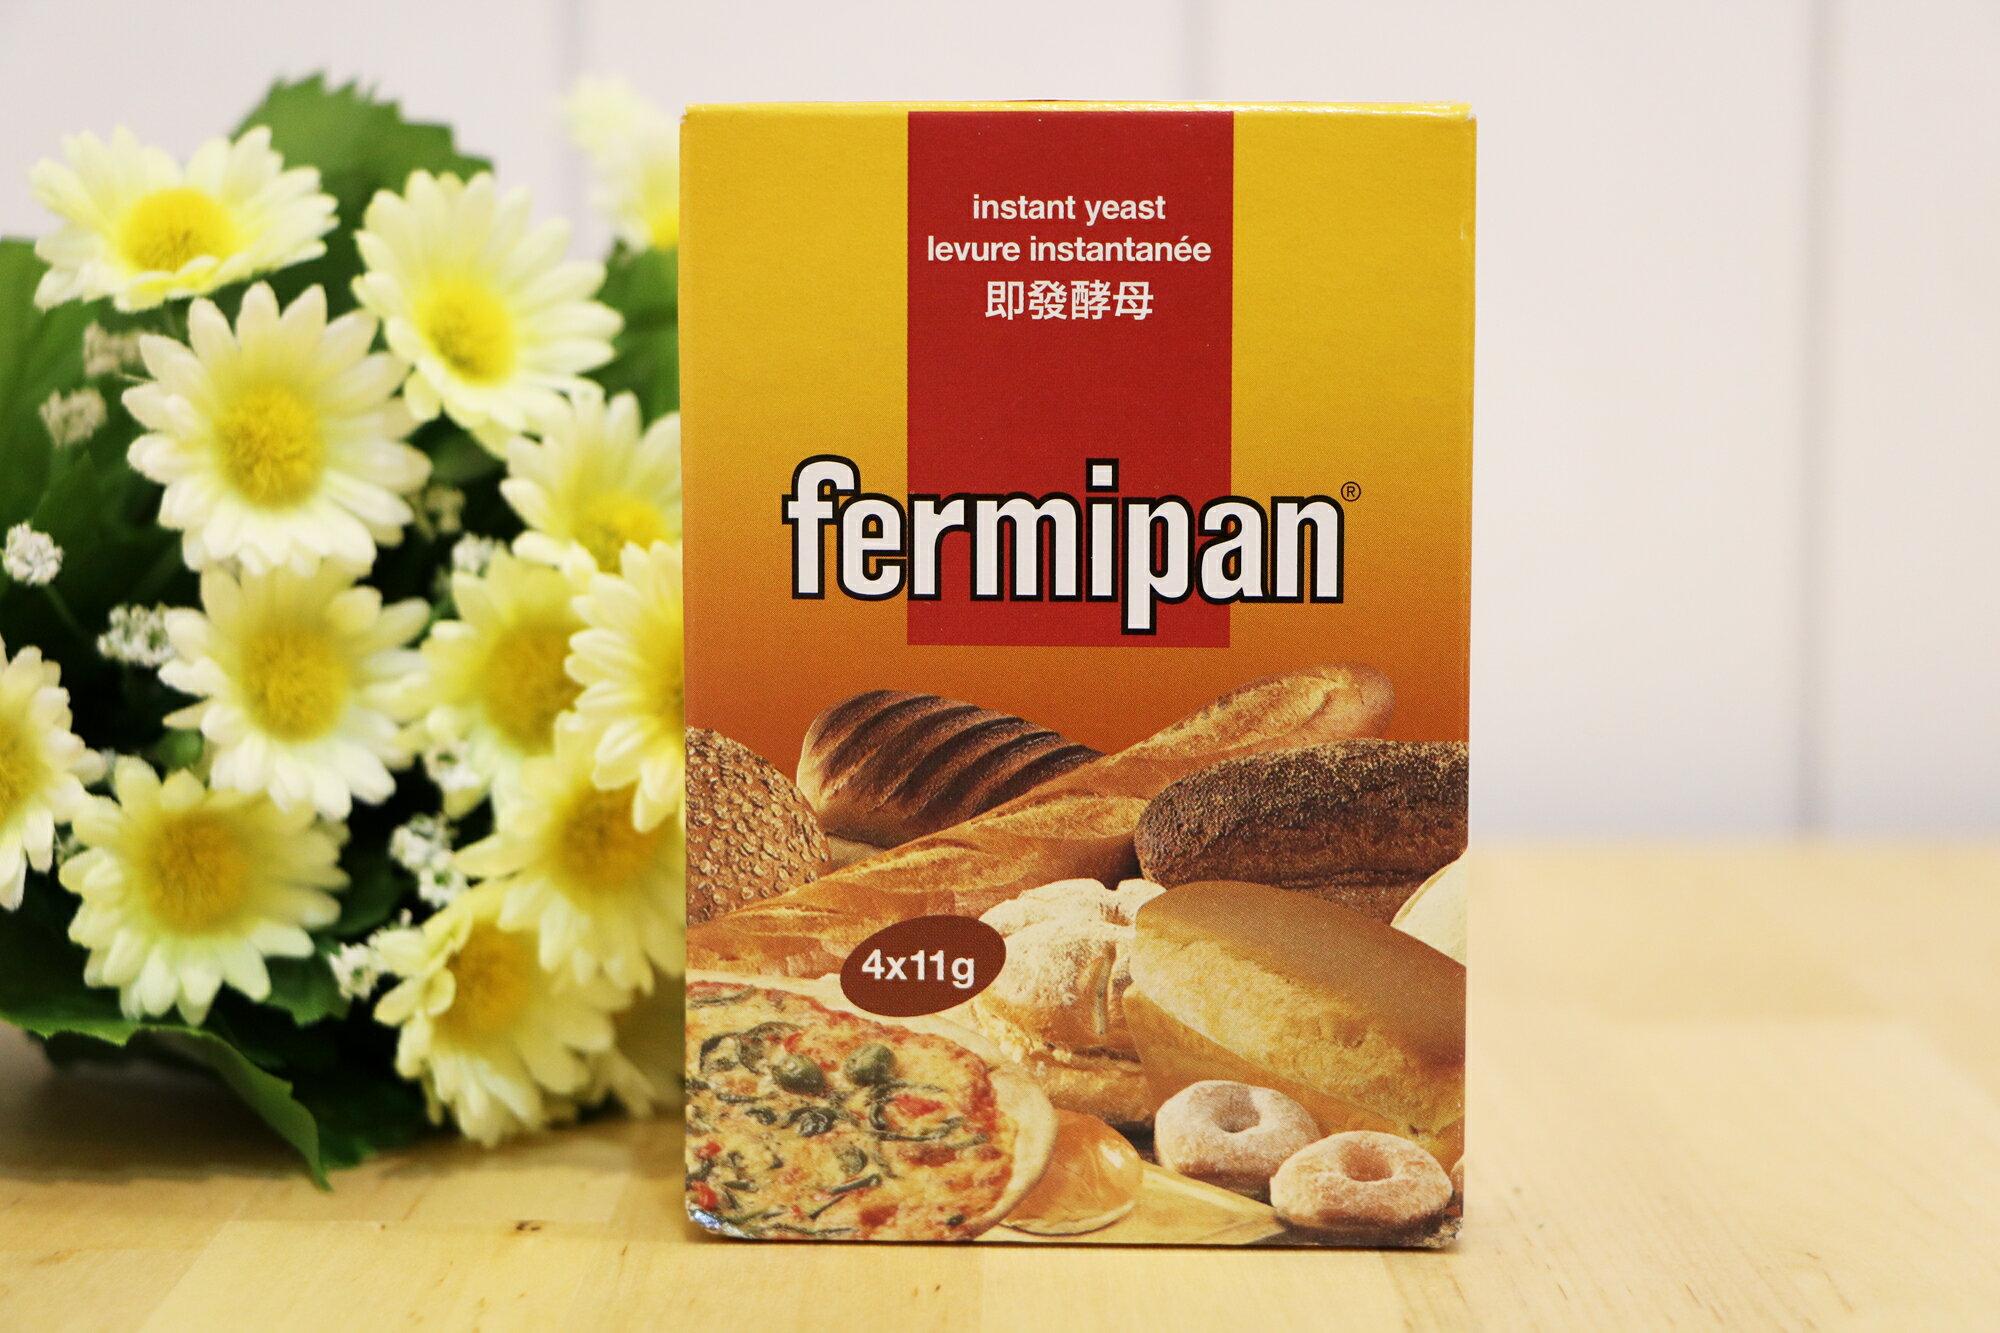 Fermipan 即發乾酵母(4入)